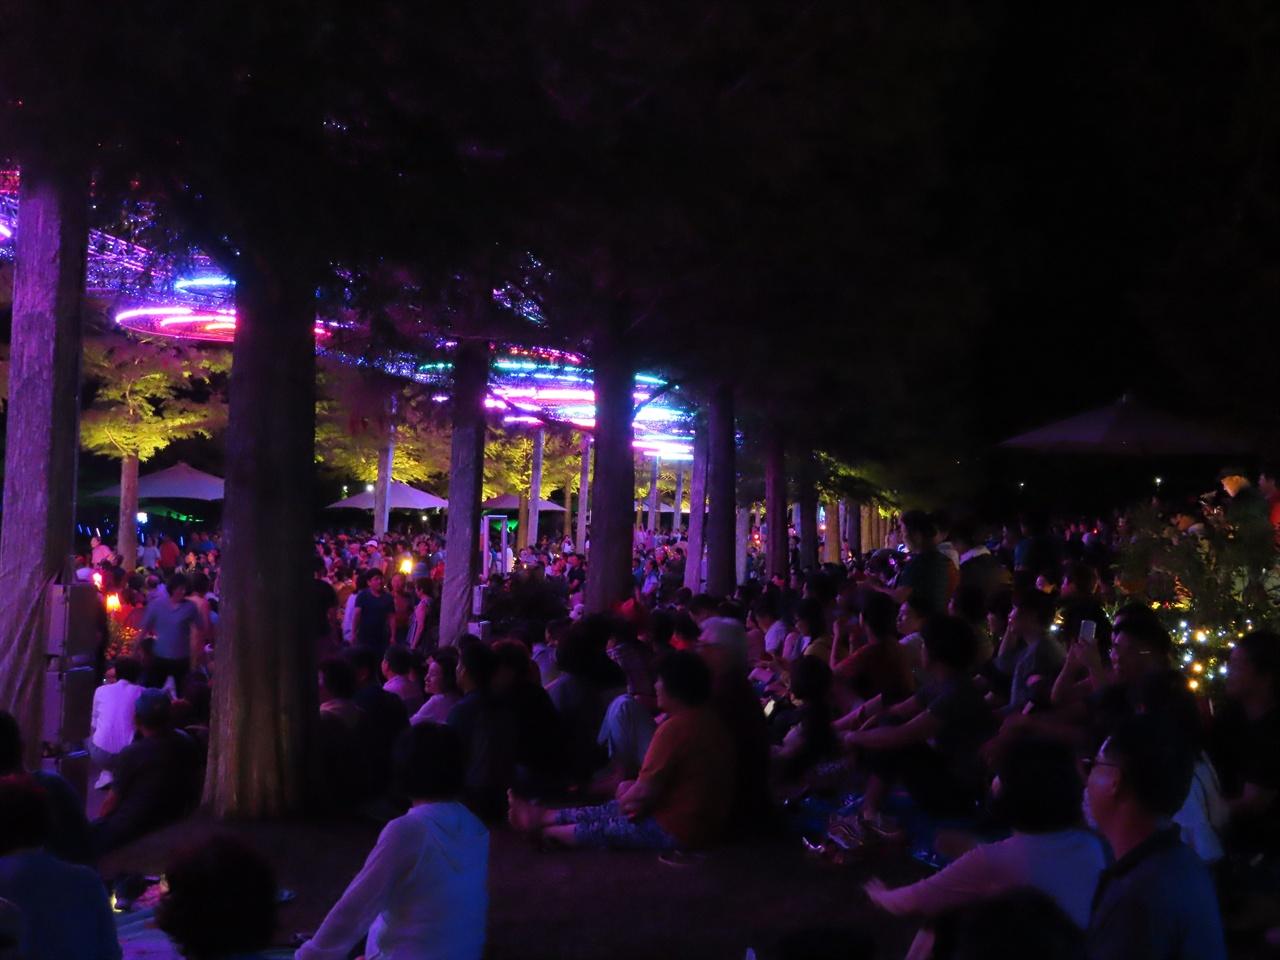 시민들의 모습 뮤직 페스티벌 공연에 역대 최고 방문객이 오면서, 행사장인 잔디광장에 가지 못한 시민들이 장미정원 인근 대로에서 전광판을 통해 공연을 구경하고 있다.